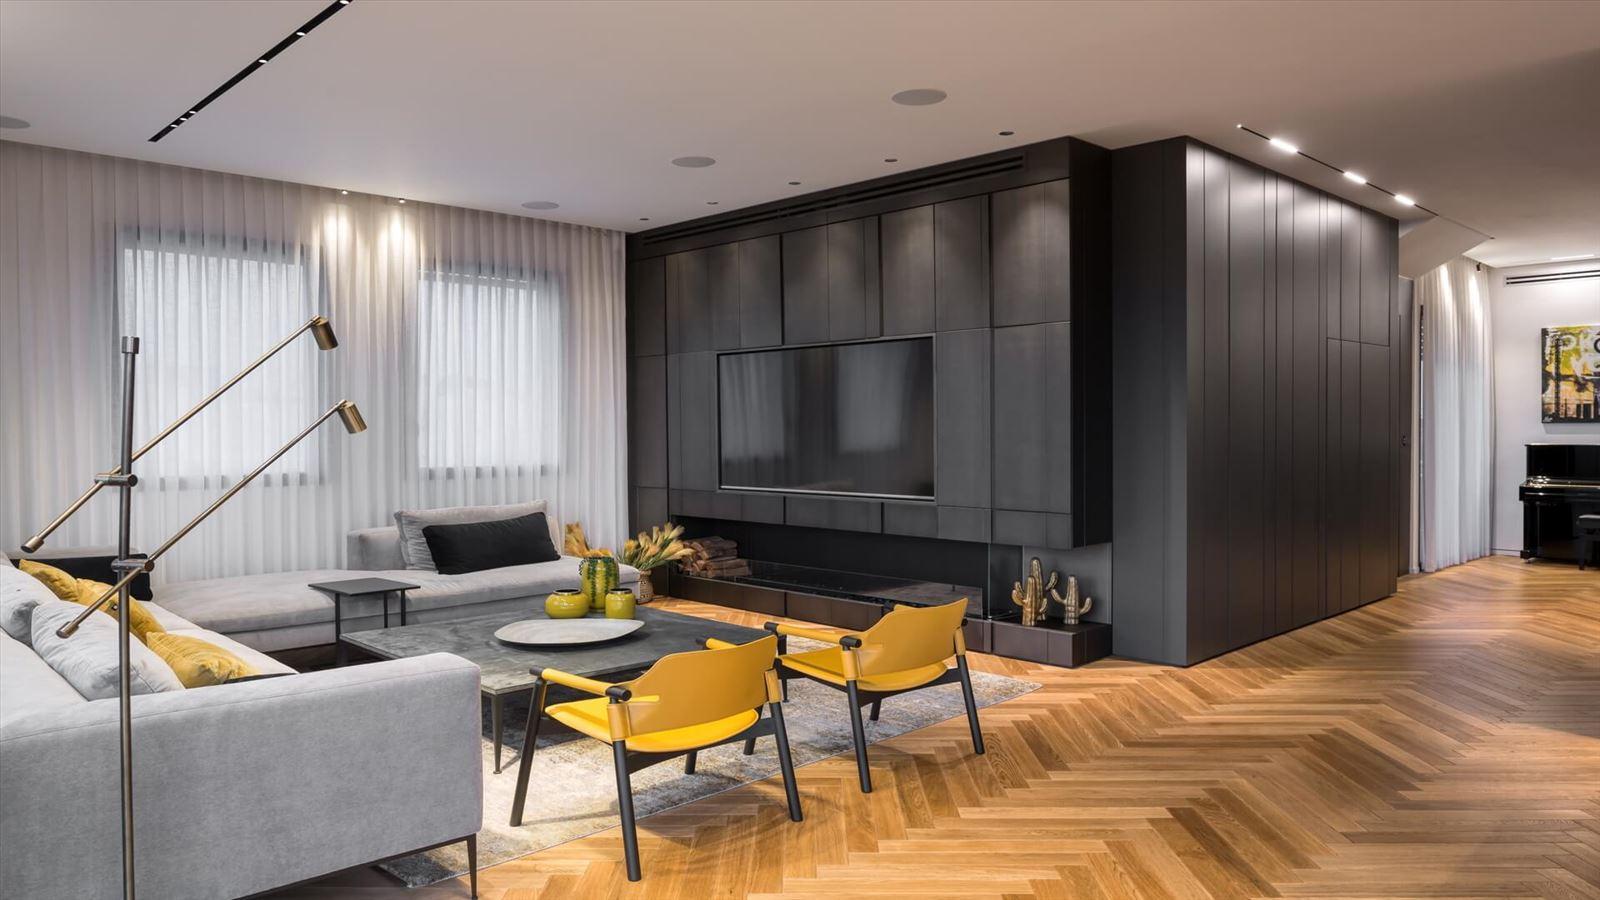 Penthouse Carmelit -  תאורה אדריכלית על ידי קמחי תאורה